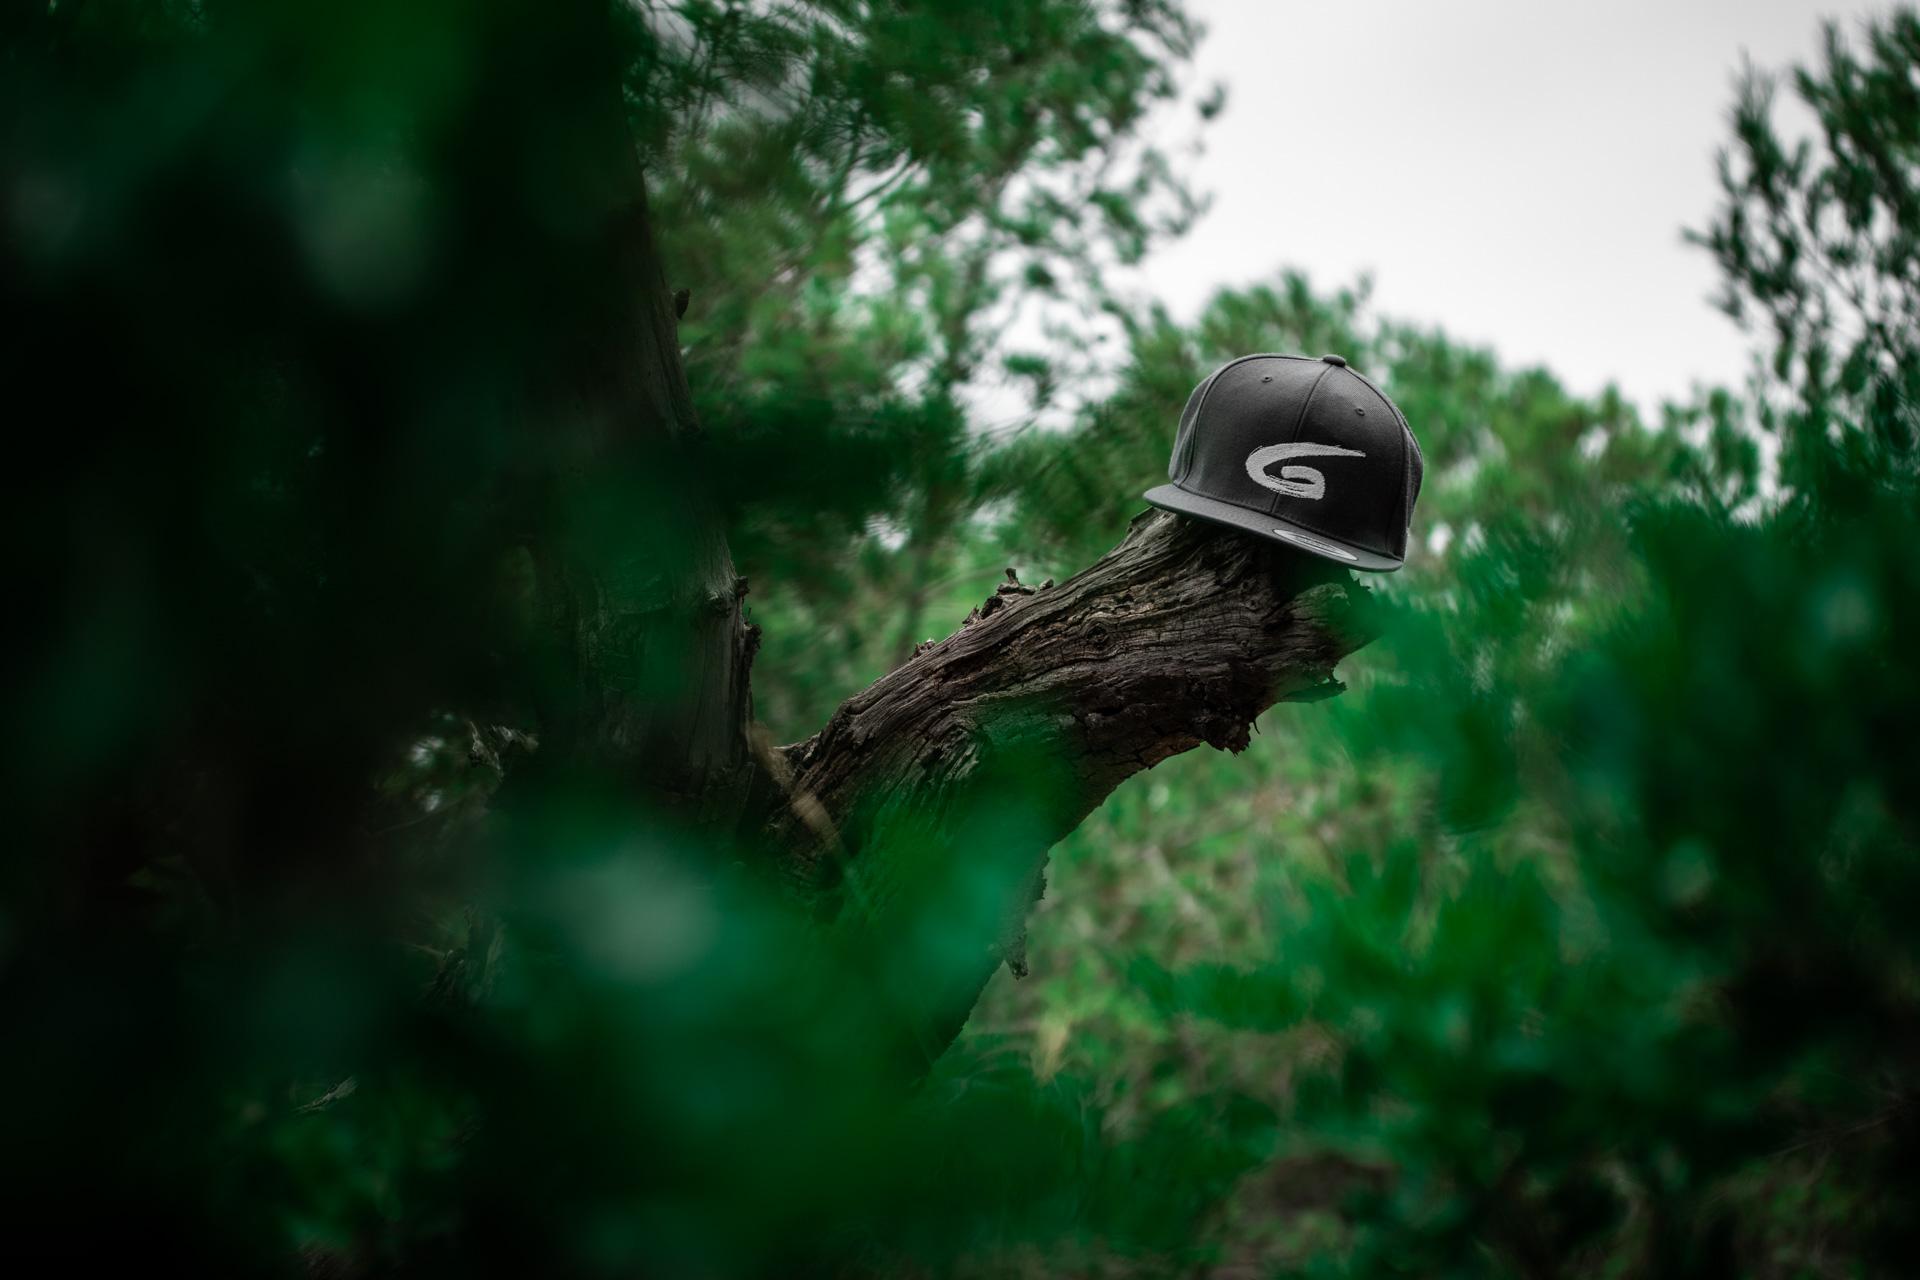 BPP 08 - Caps & hats IG-3.jpg